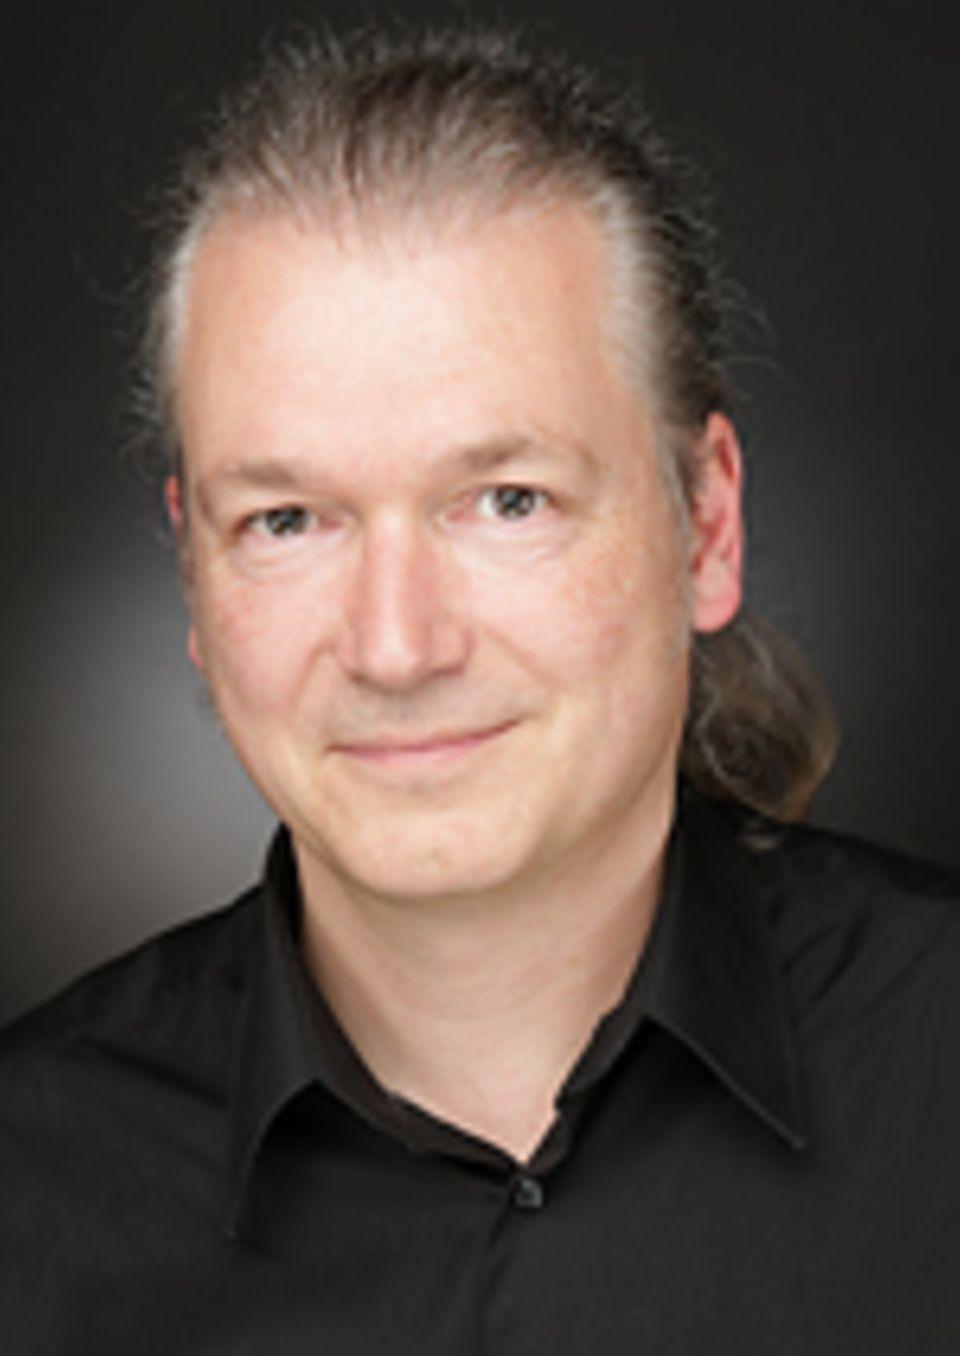 Psychologie und Nachhaltigkeit: Prof. Marcel Hunecke lehrt Psychologie und Umweltpsychologie an der Fachhochschule Dortmund und an der Ruhr-Universität Bochum